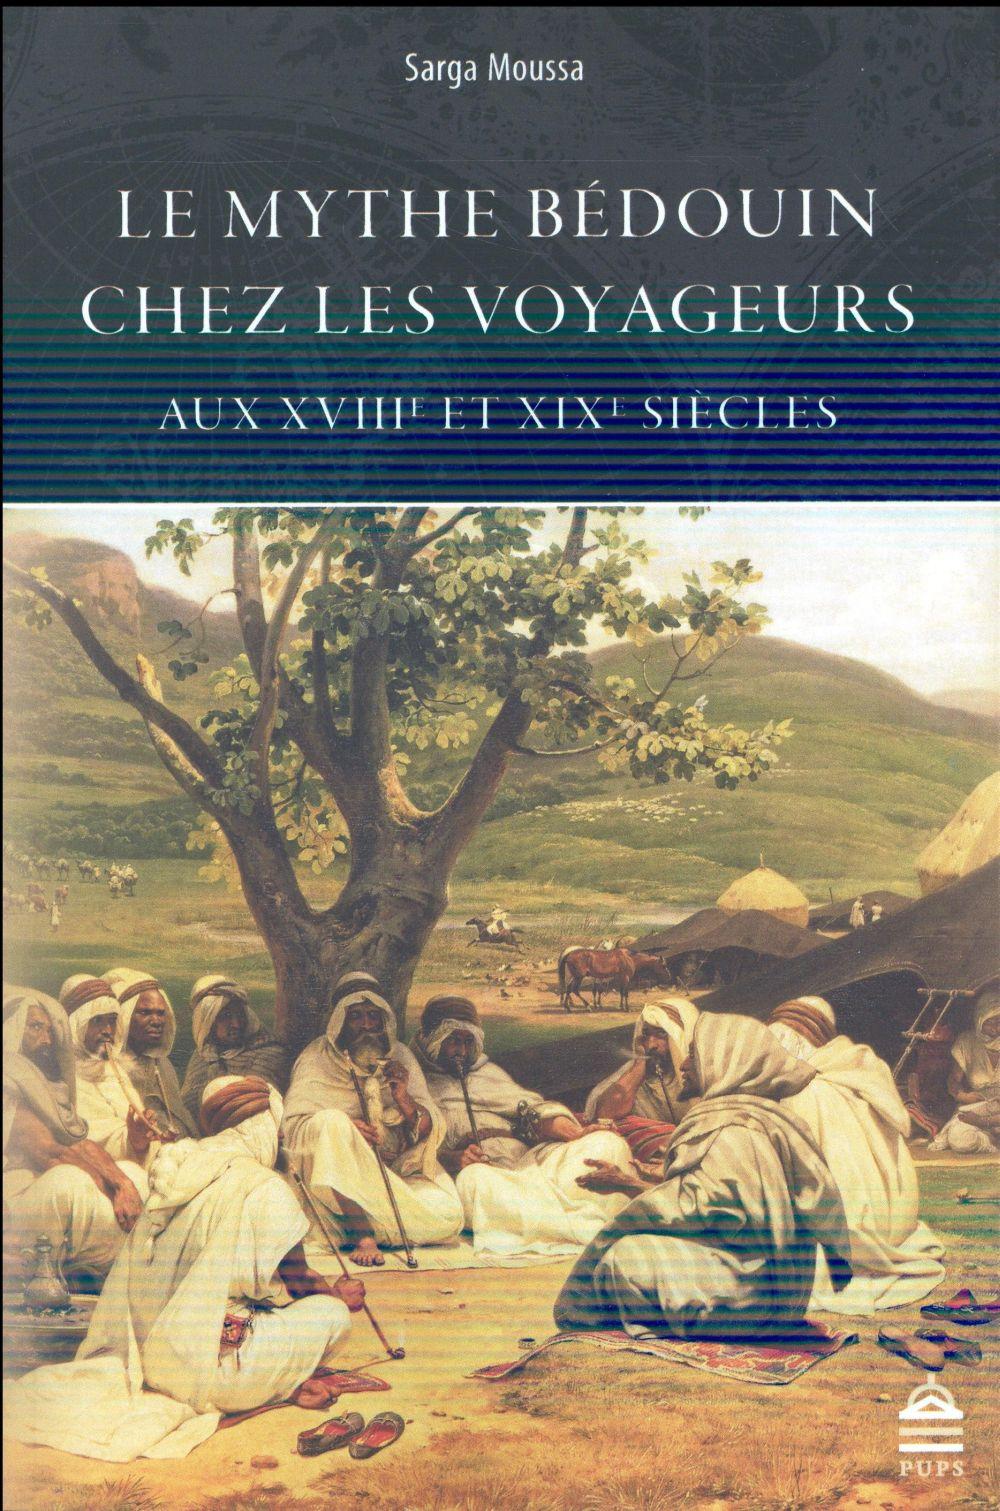 LE MYTHE BEDOUIN CHEZ LES VOYAGEURS AUX XVIIIE ET XIXE SIECLES